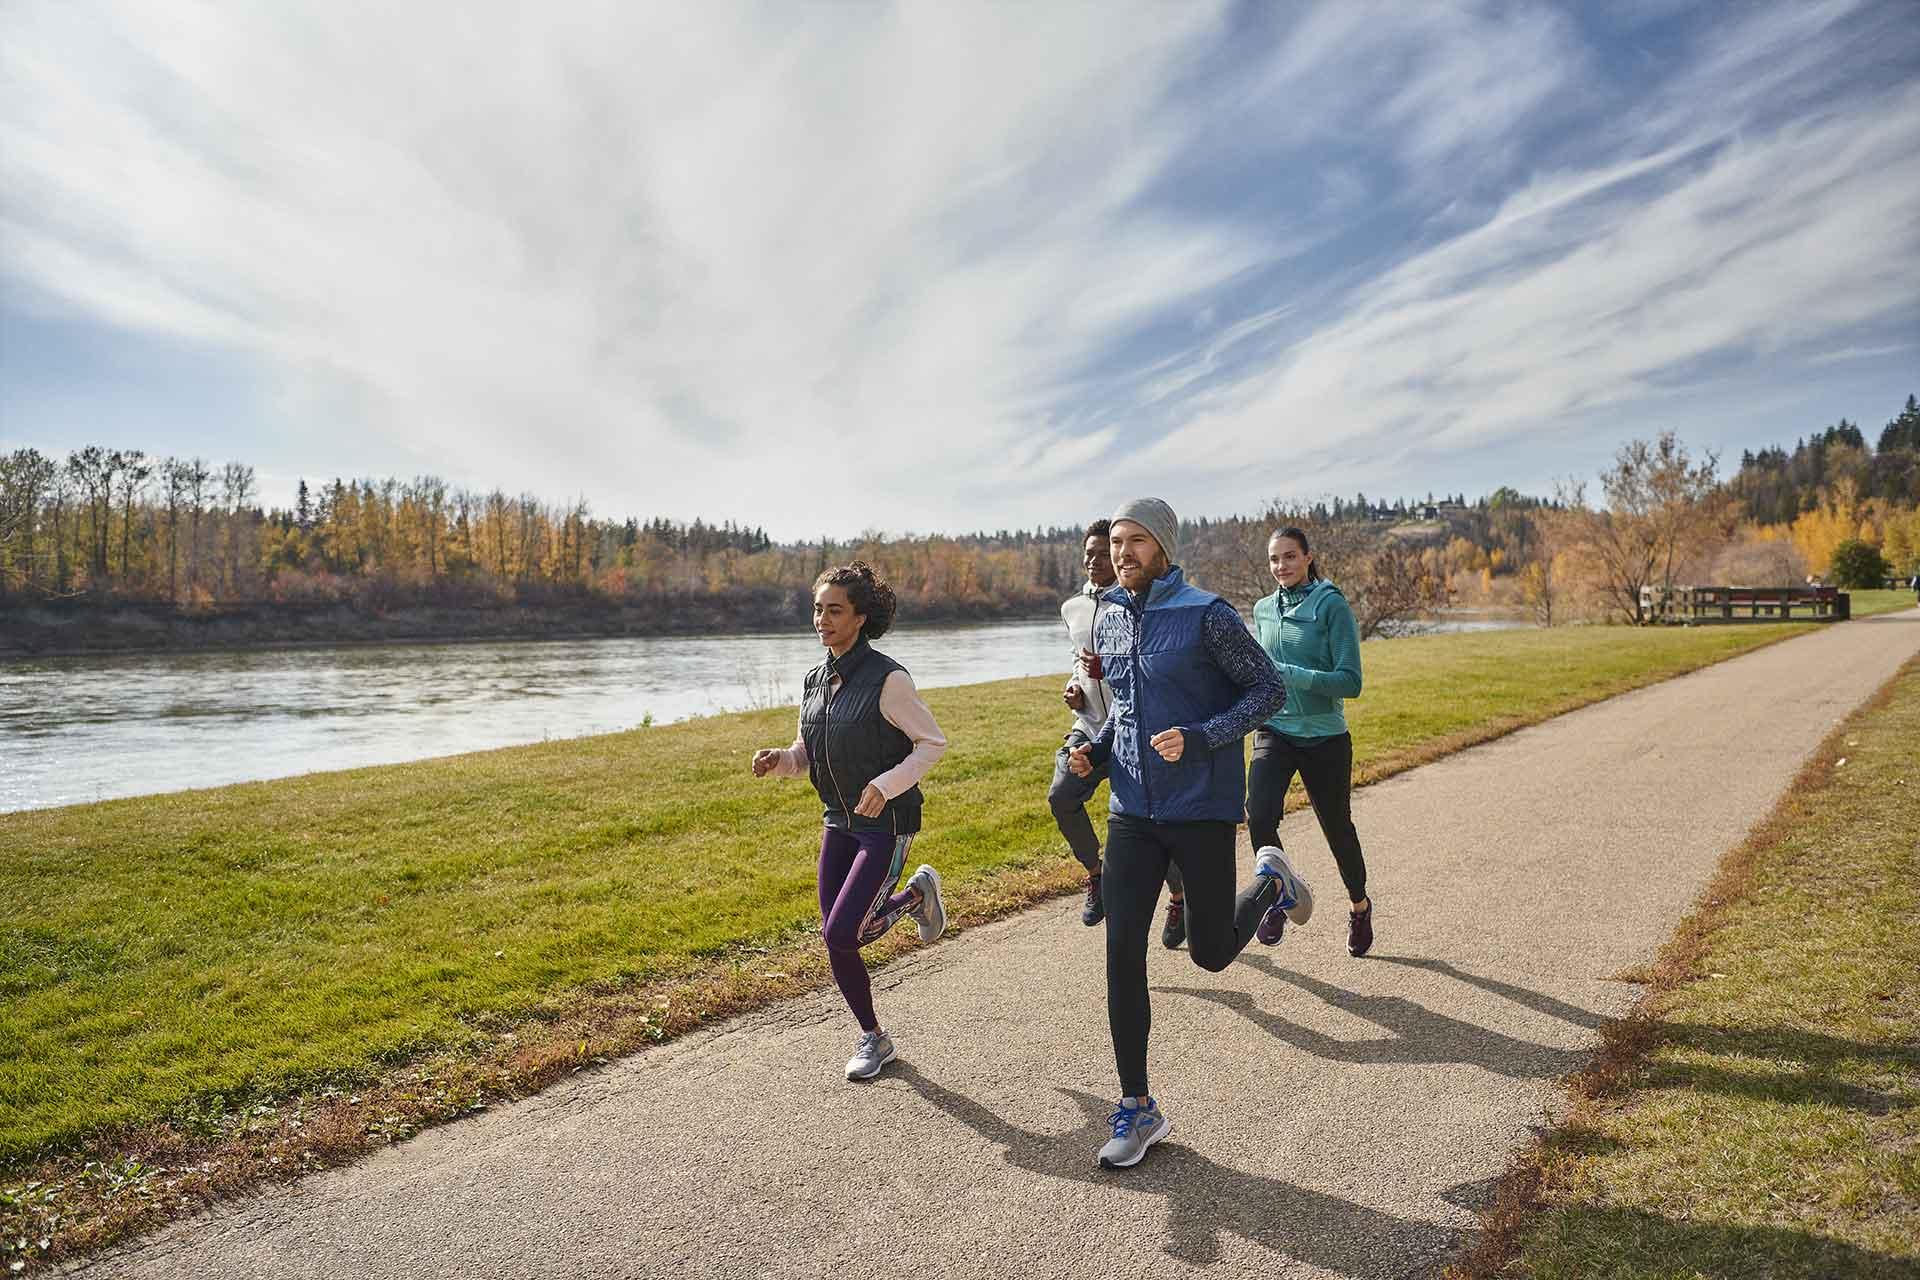 runner-run-expert-villefranche-sur-saone-2